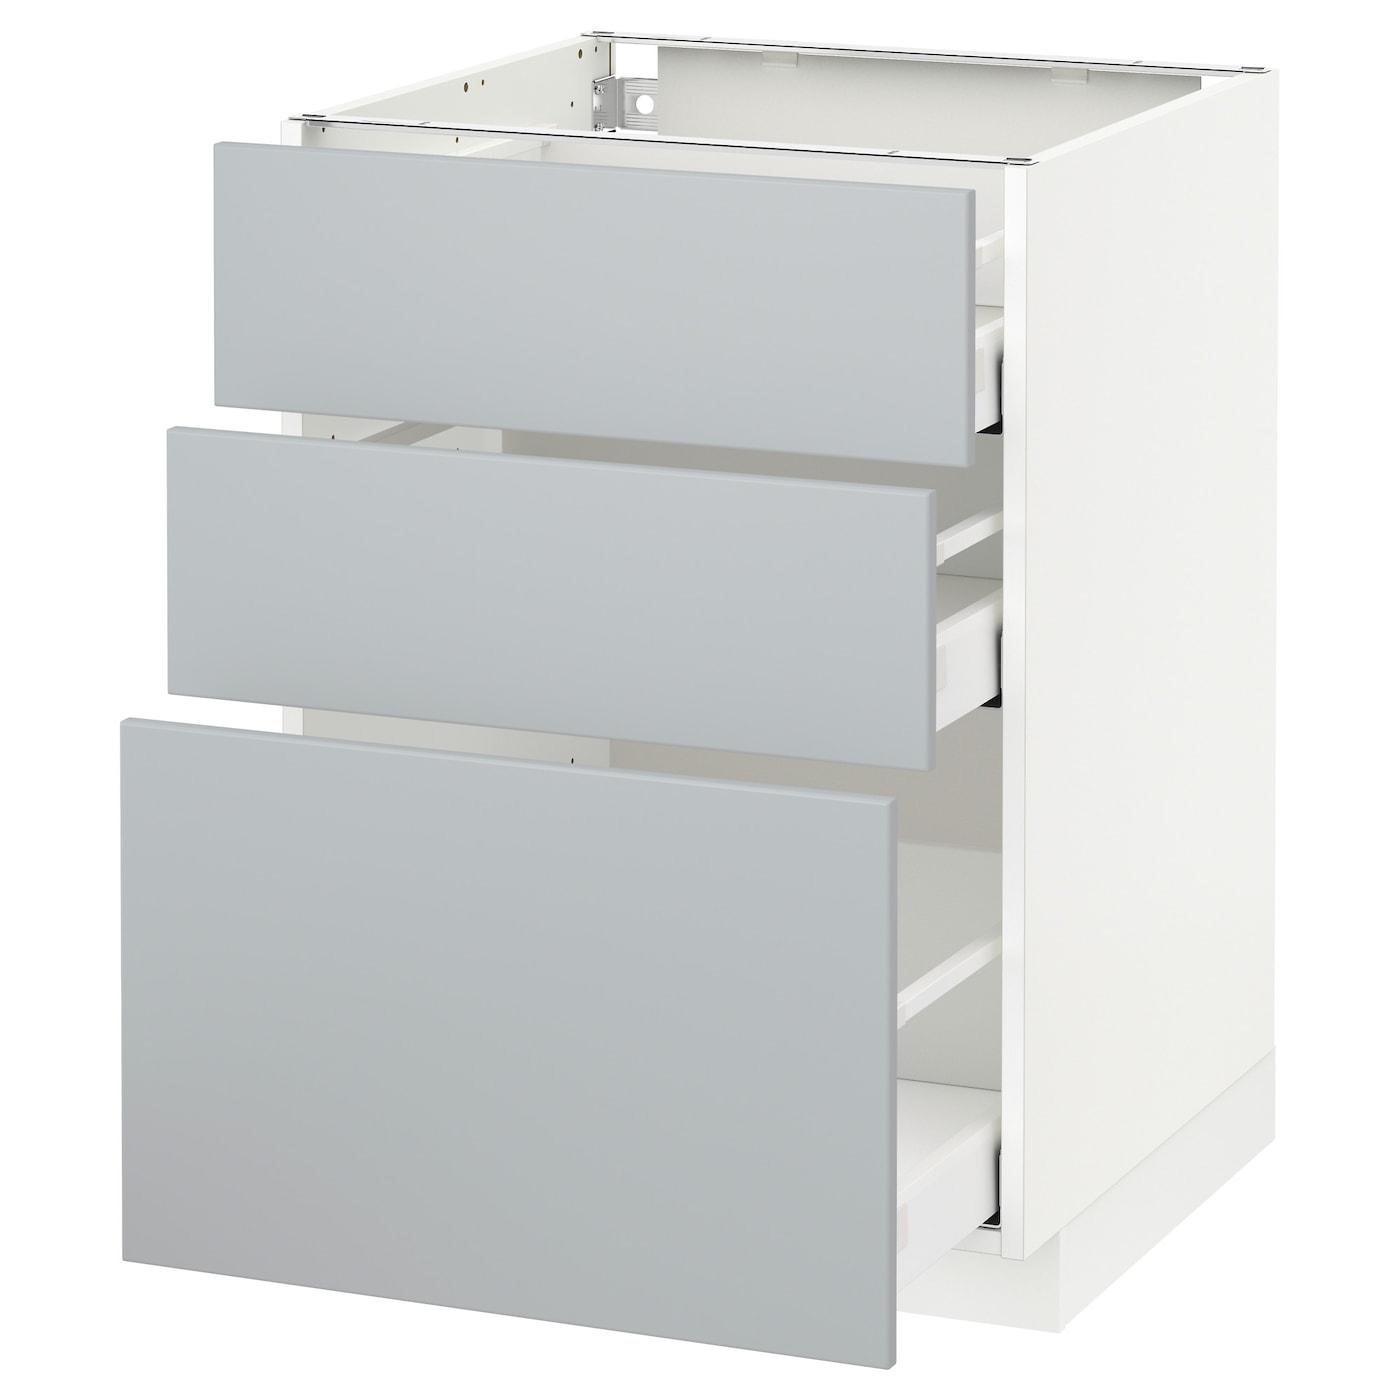 METOD / MAXIMERA Base cabinet with 11 drawers - white/Veddinge grey 11x11 cm